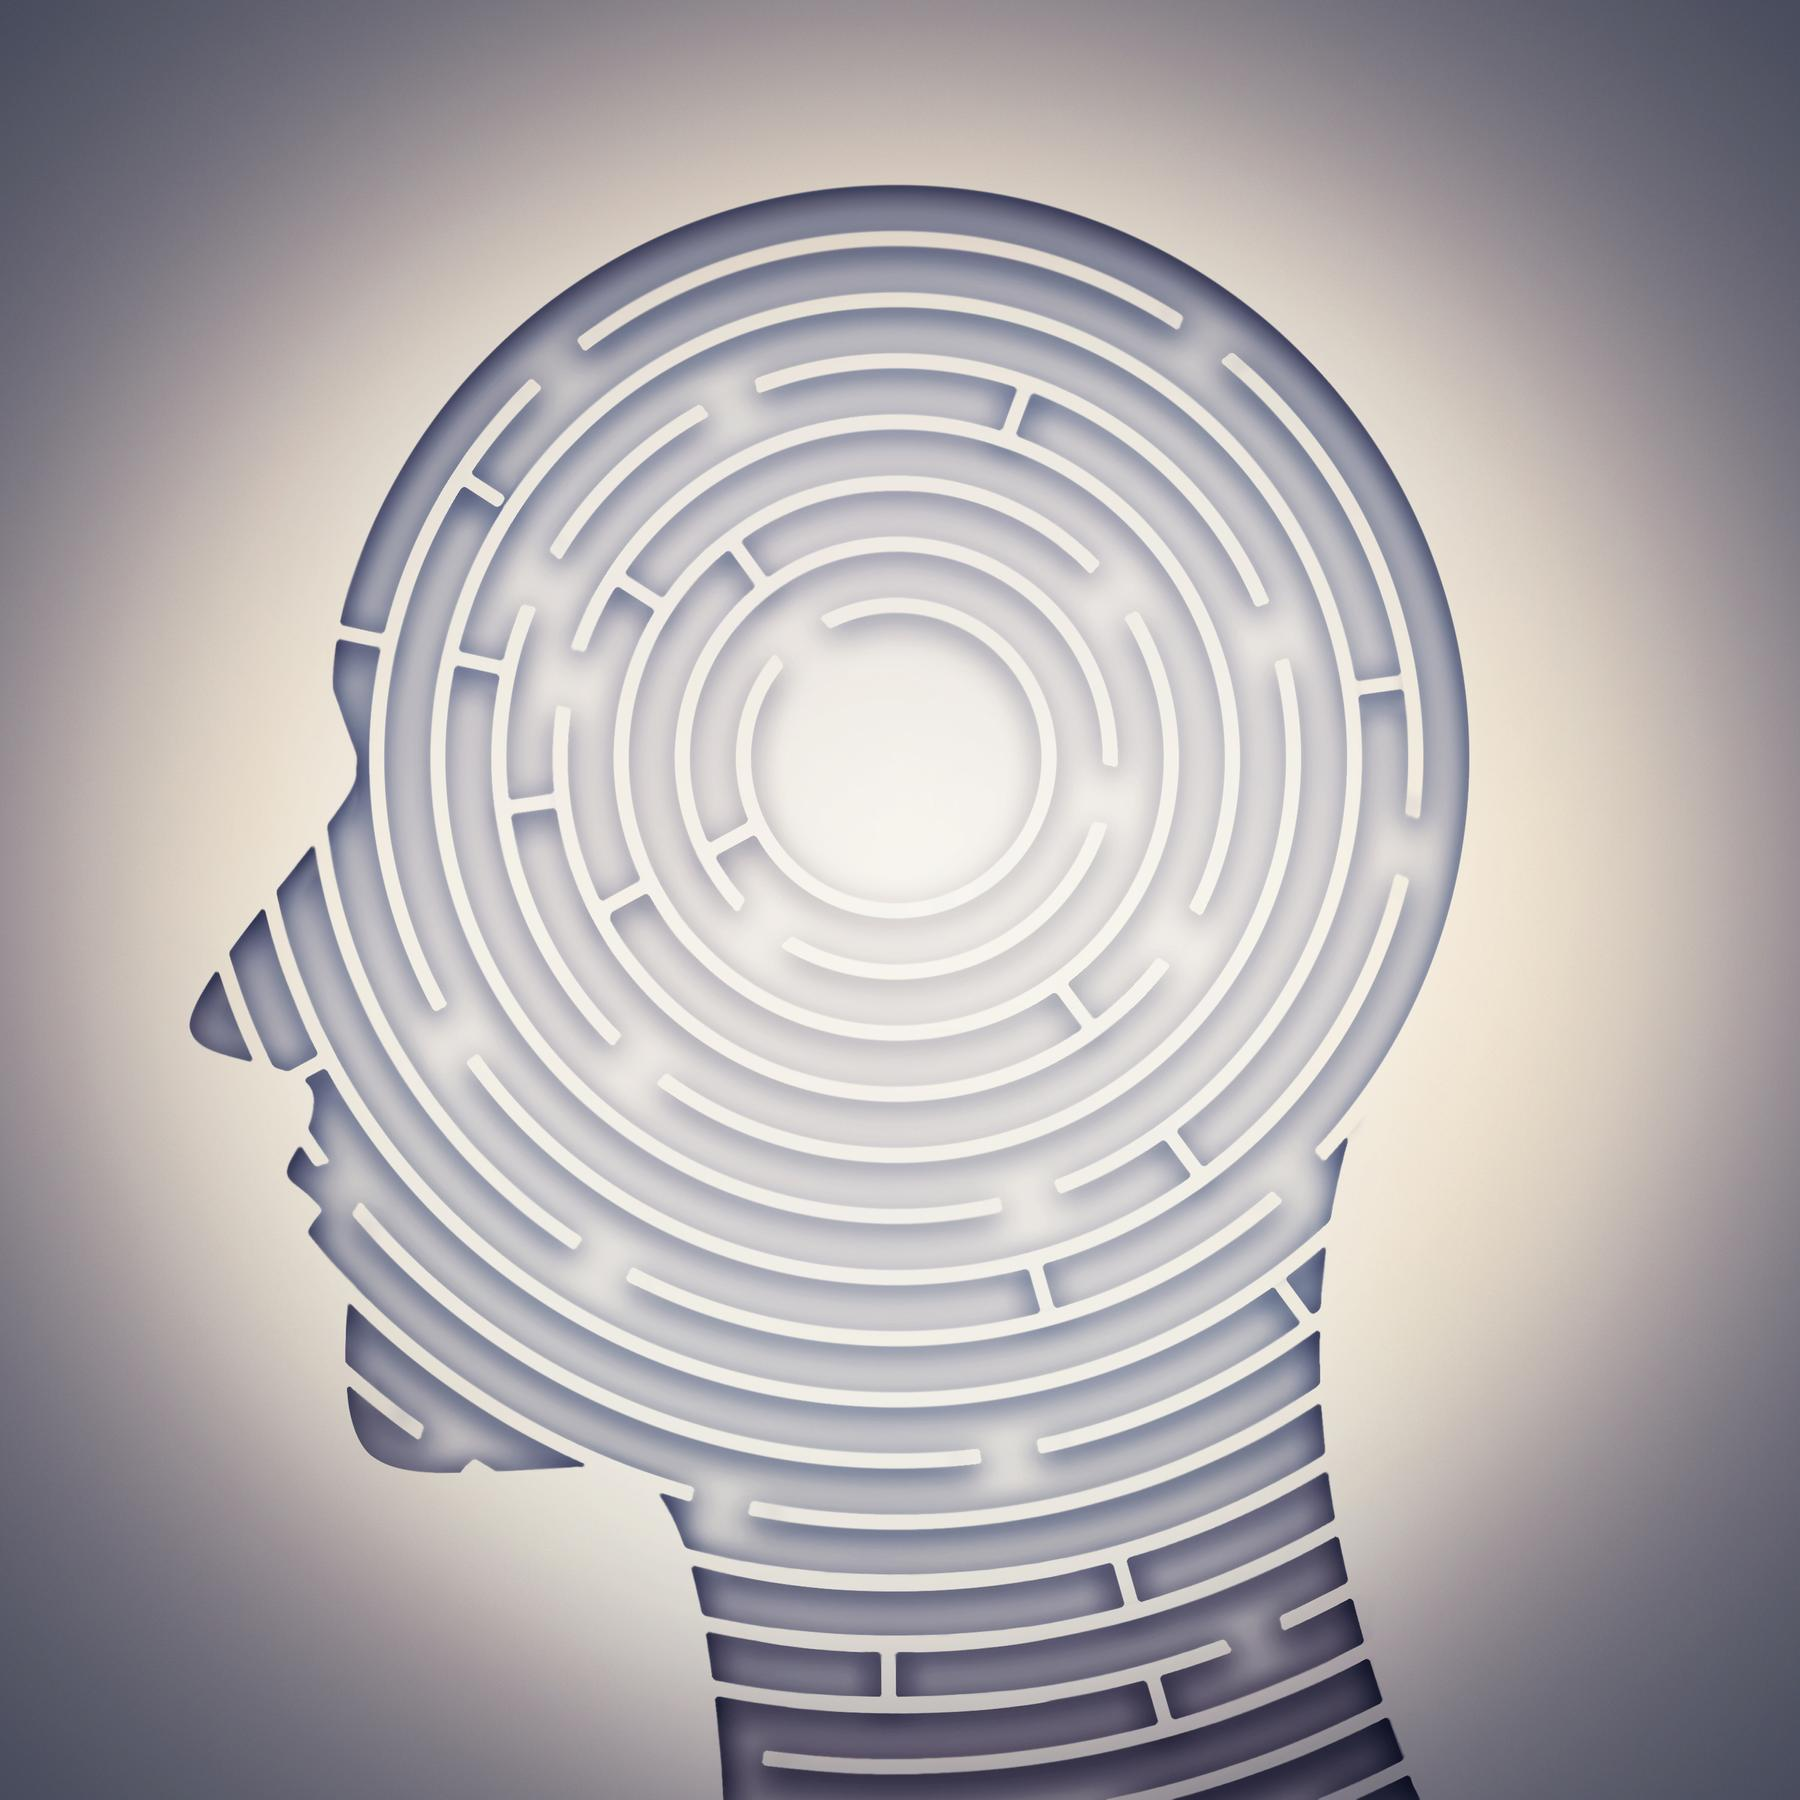 Vergessen - Eine elementare Strategie des Gehirns